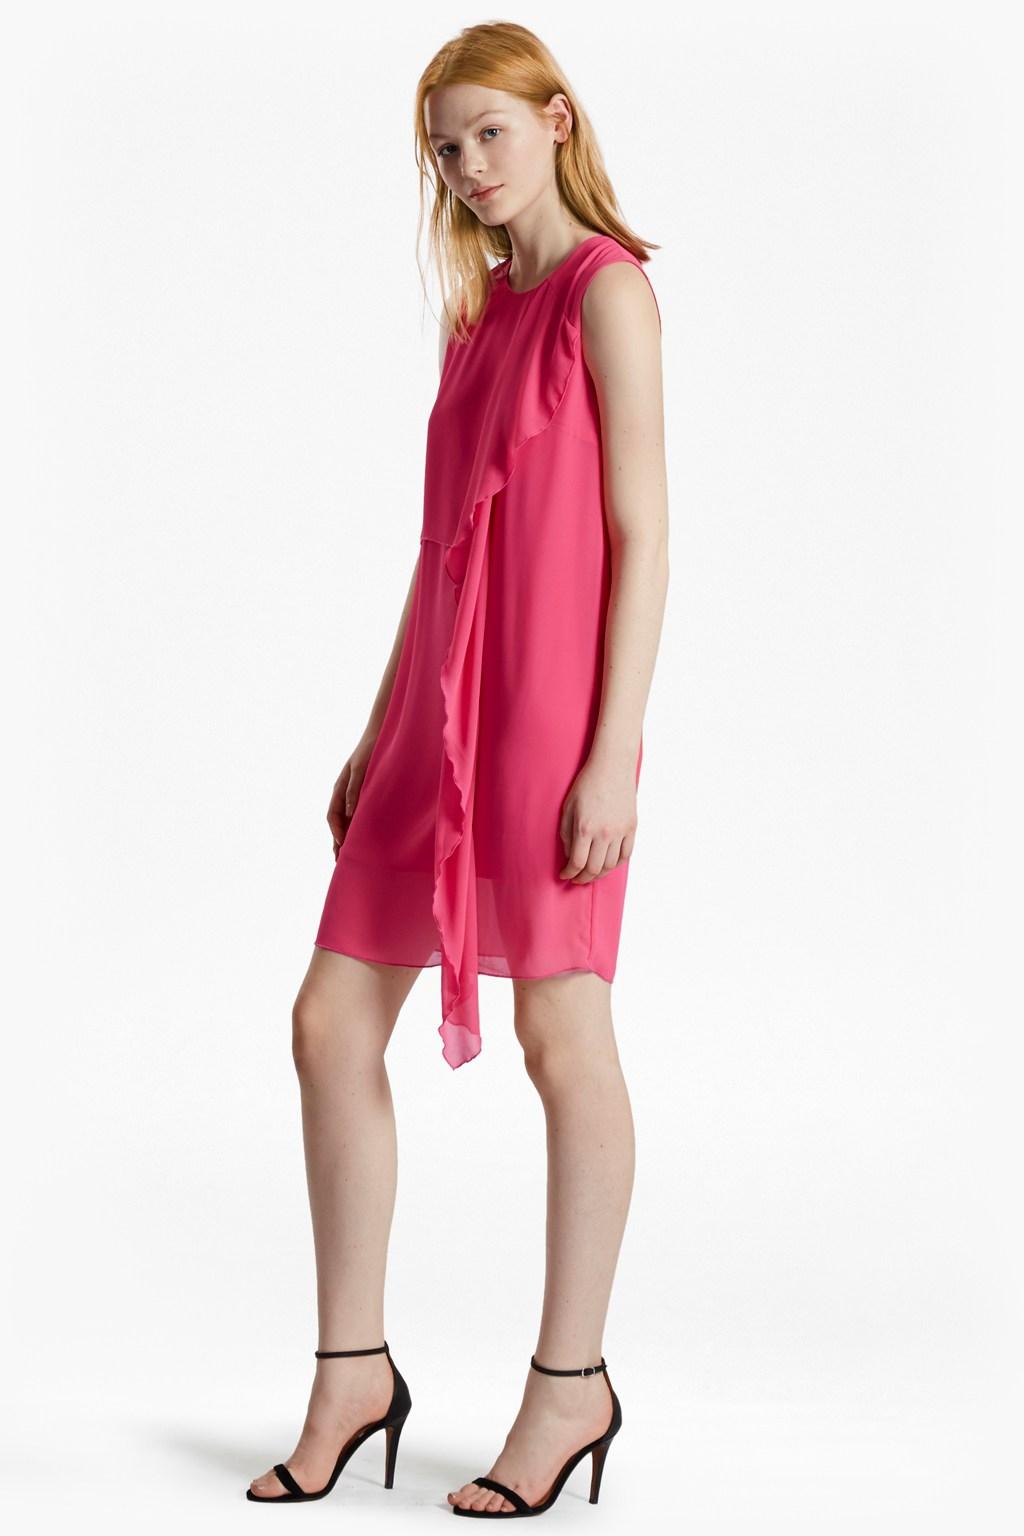 James sheer fluted front dress